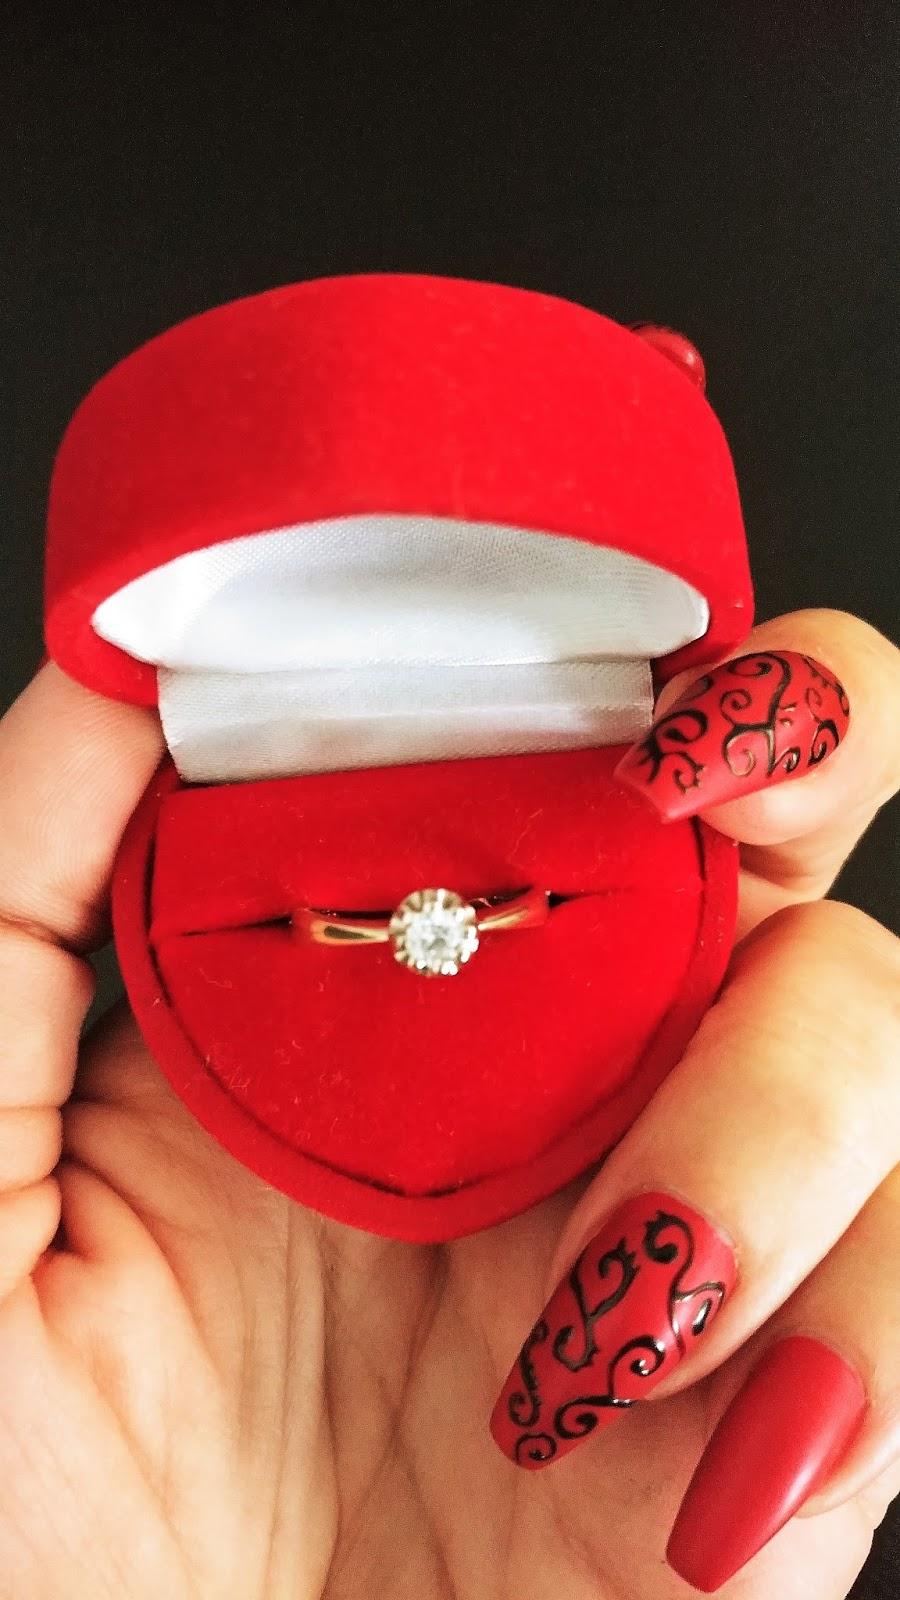 Han satte ringen på mitt finger